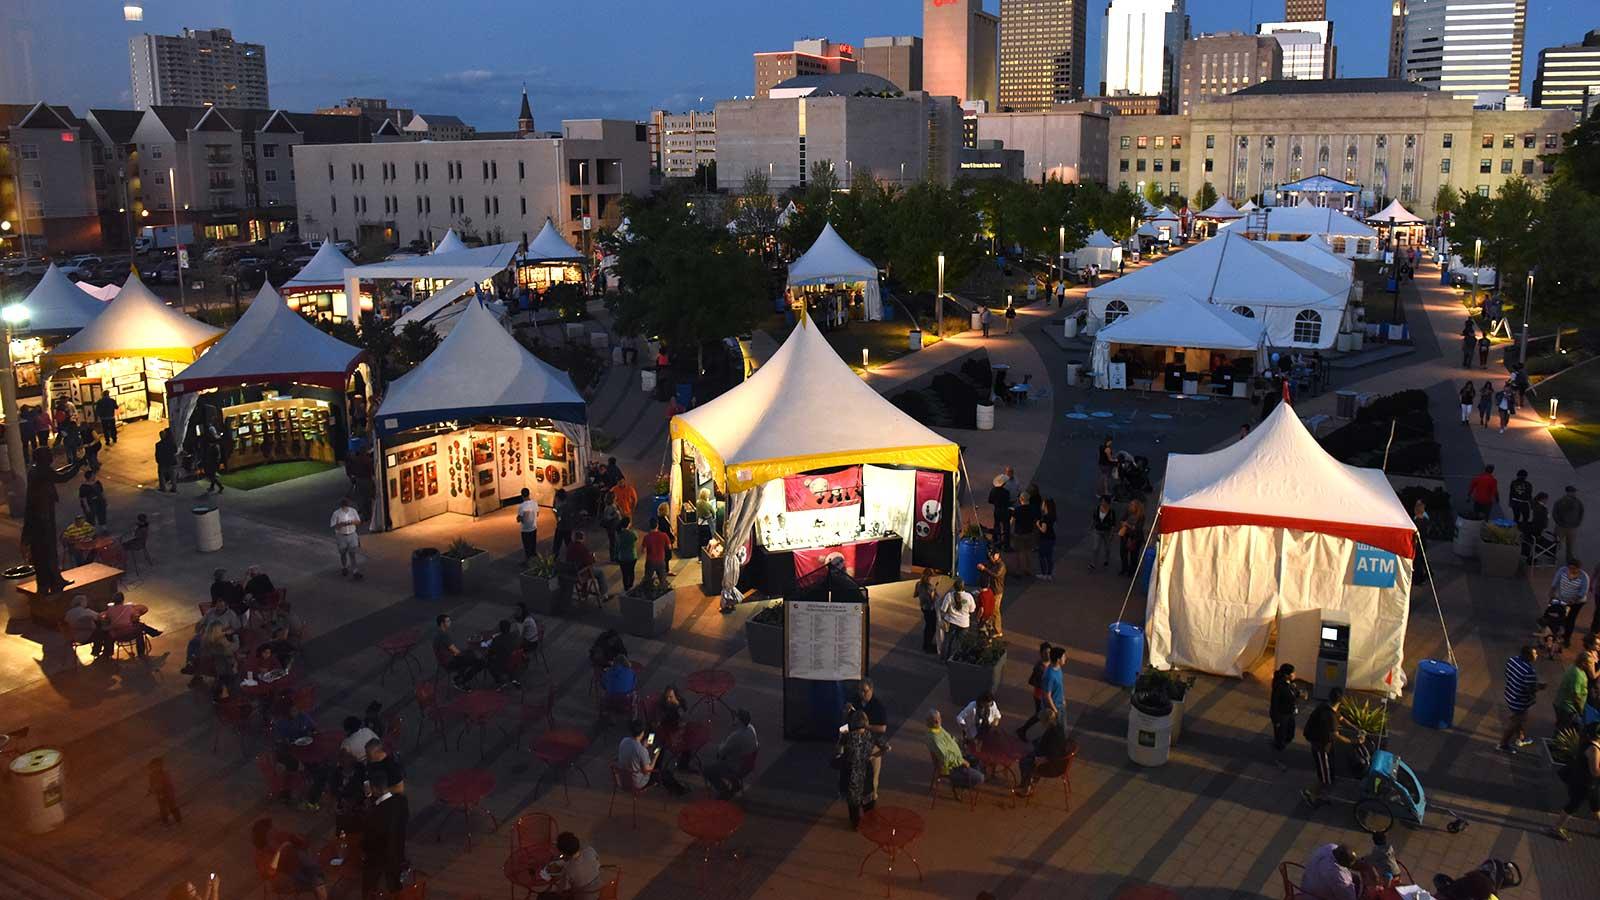 Festival of the Arts, Oklahoma City